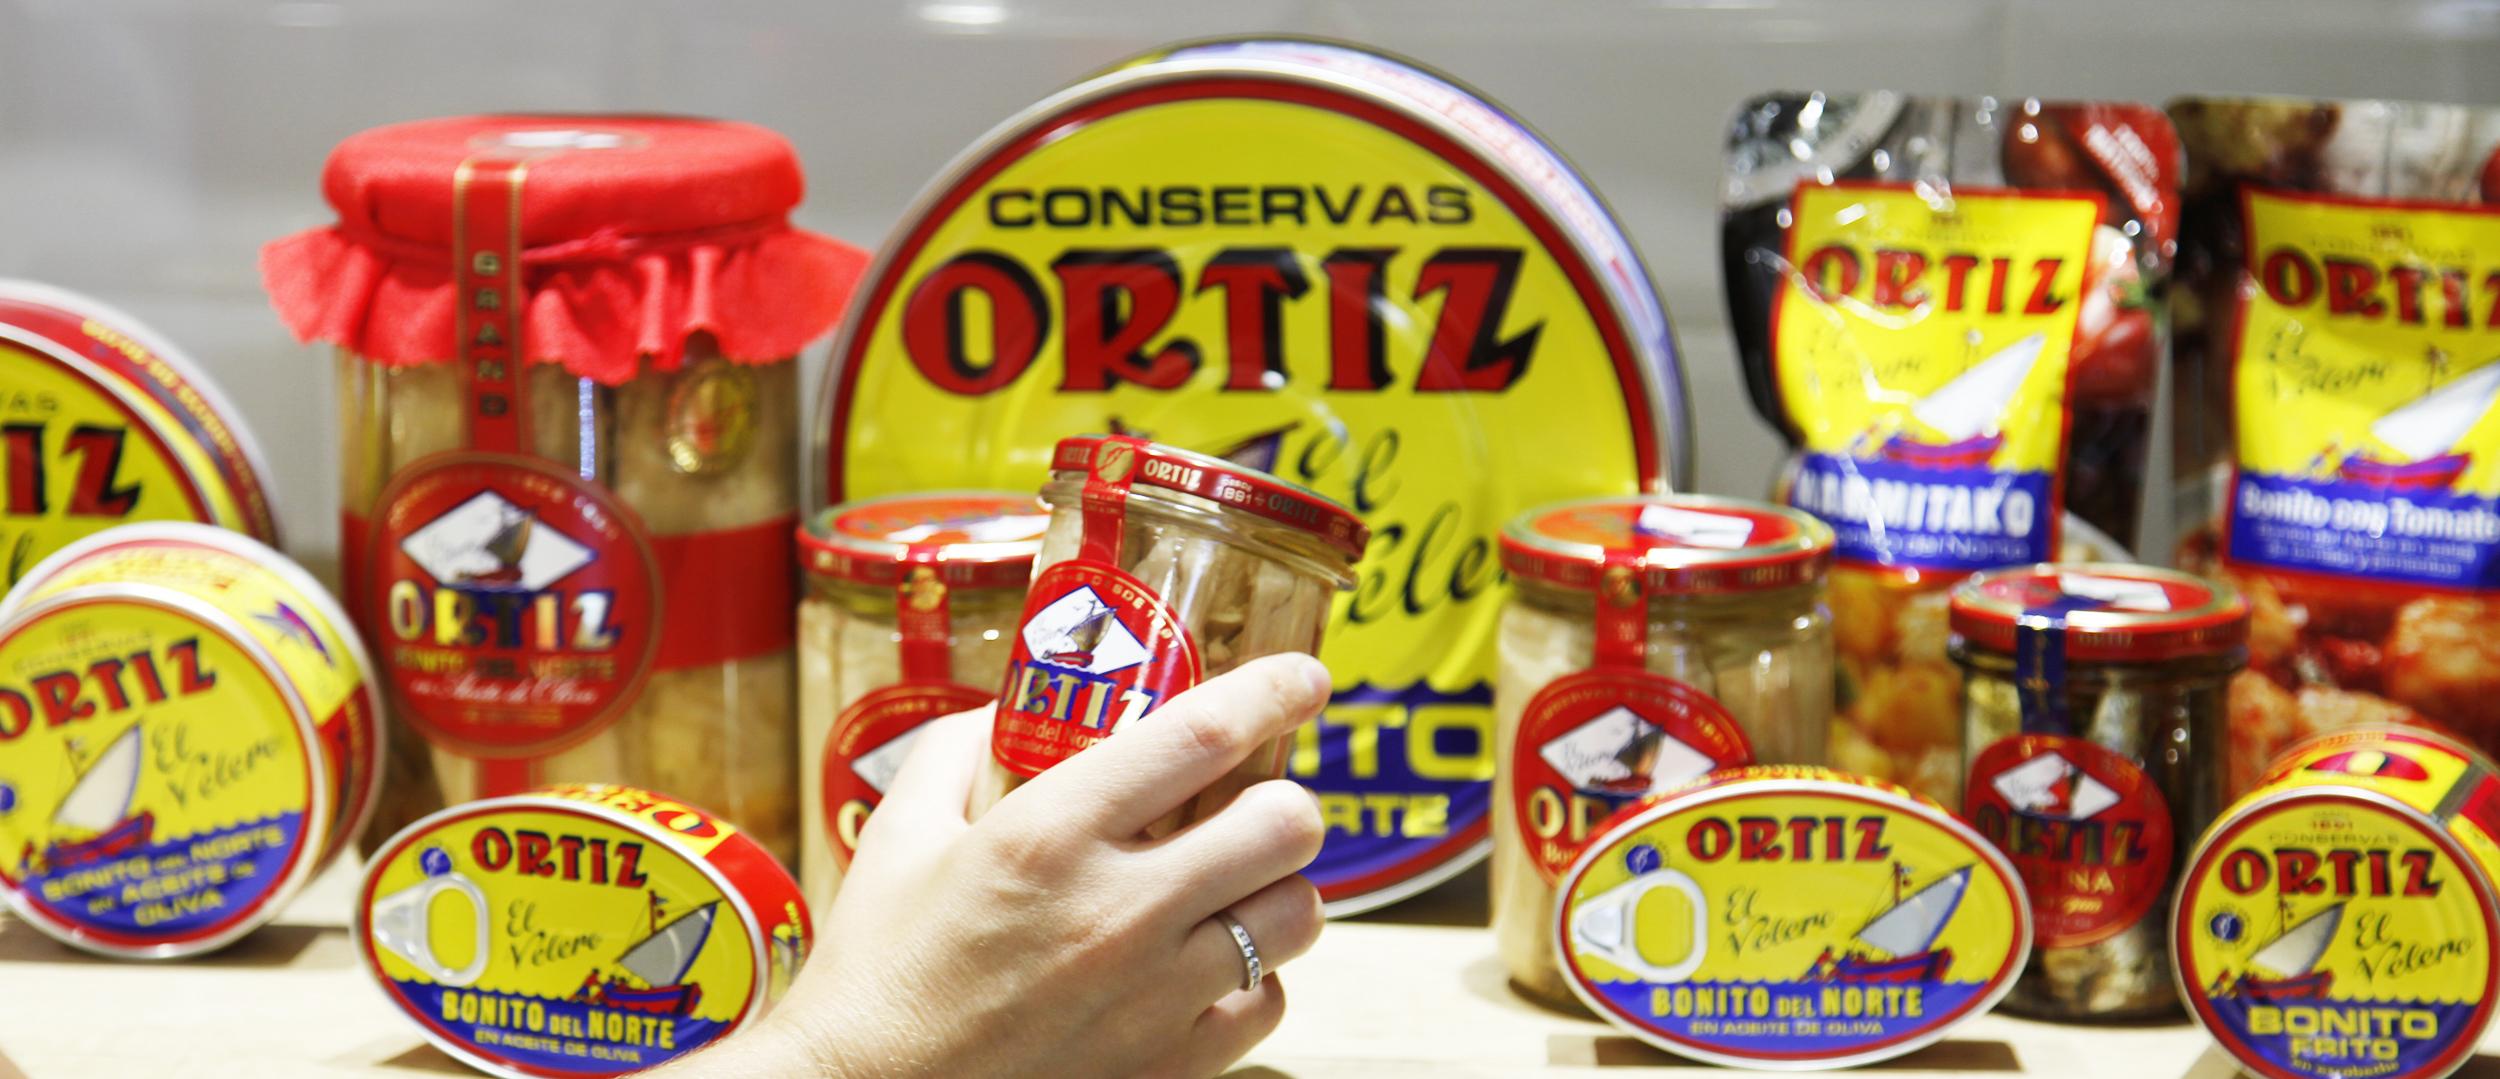 Fecha consumo preferente y caducidad Conservas Ortiz